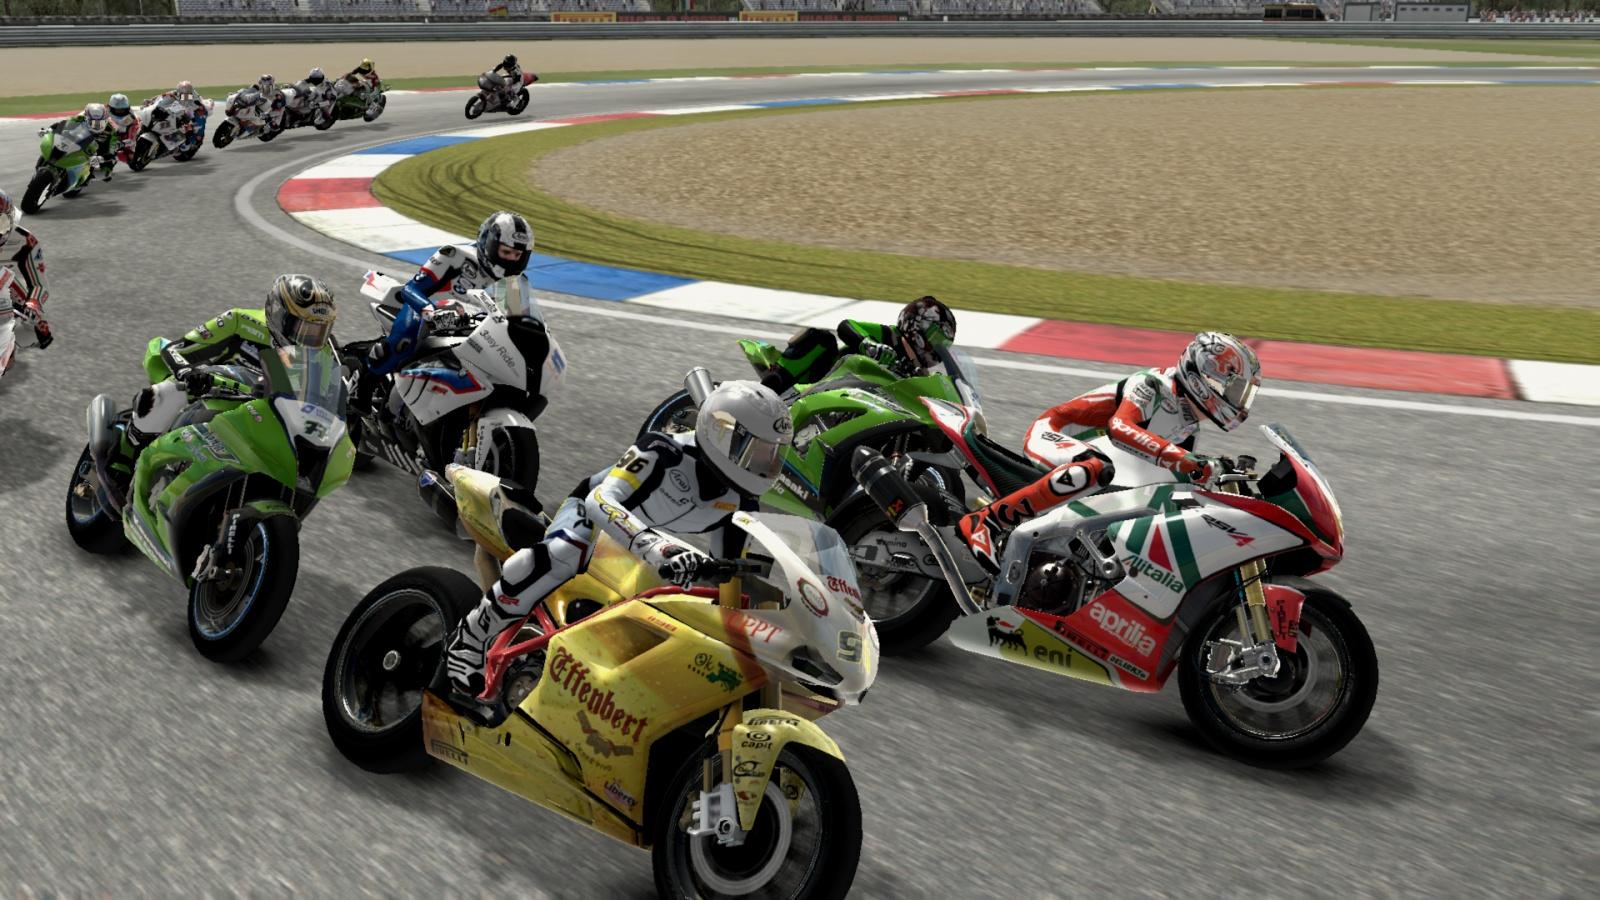 фестиваль игры гонки на мотоциклах картинки сейчас восхищается